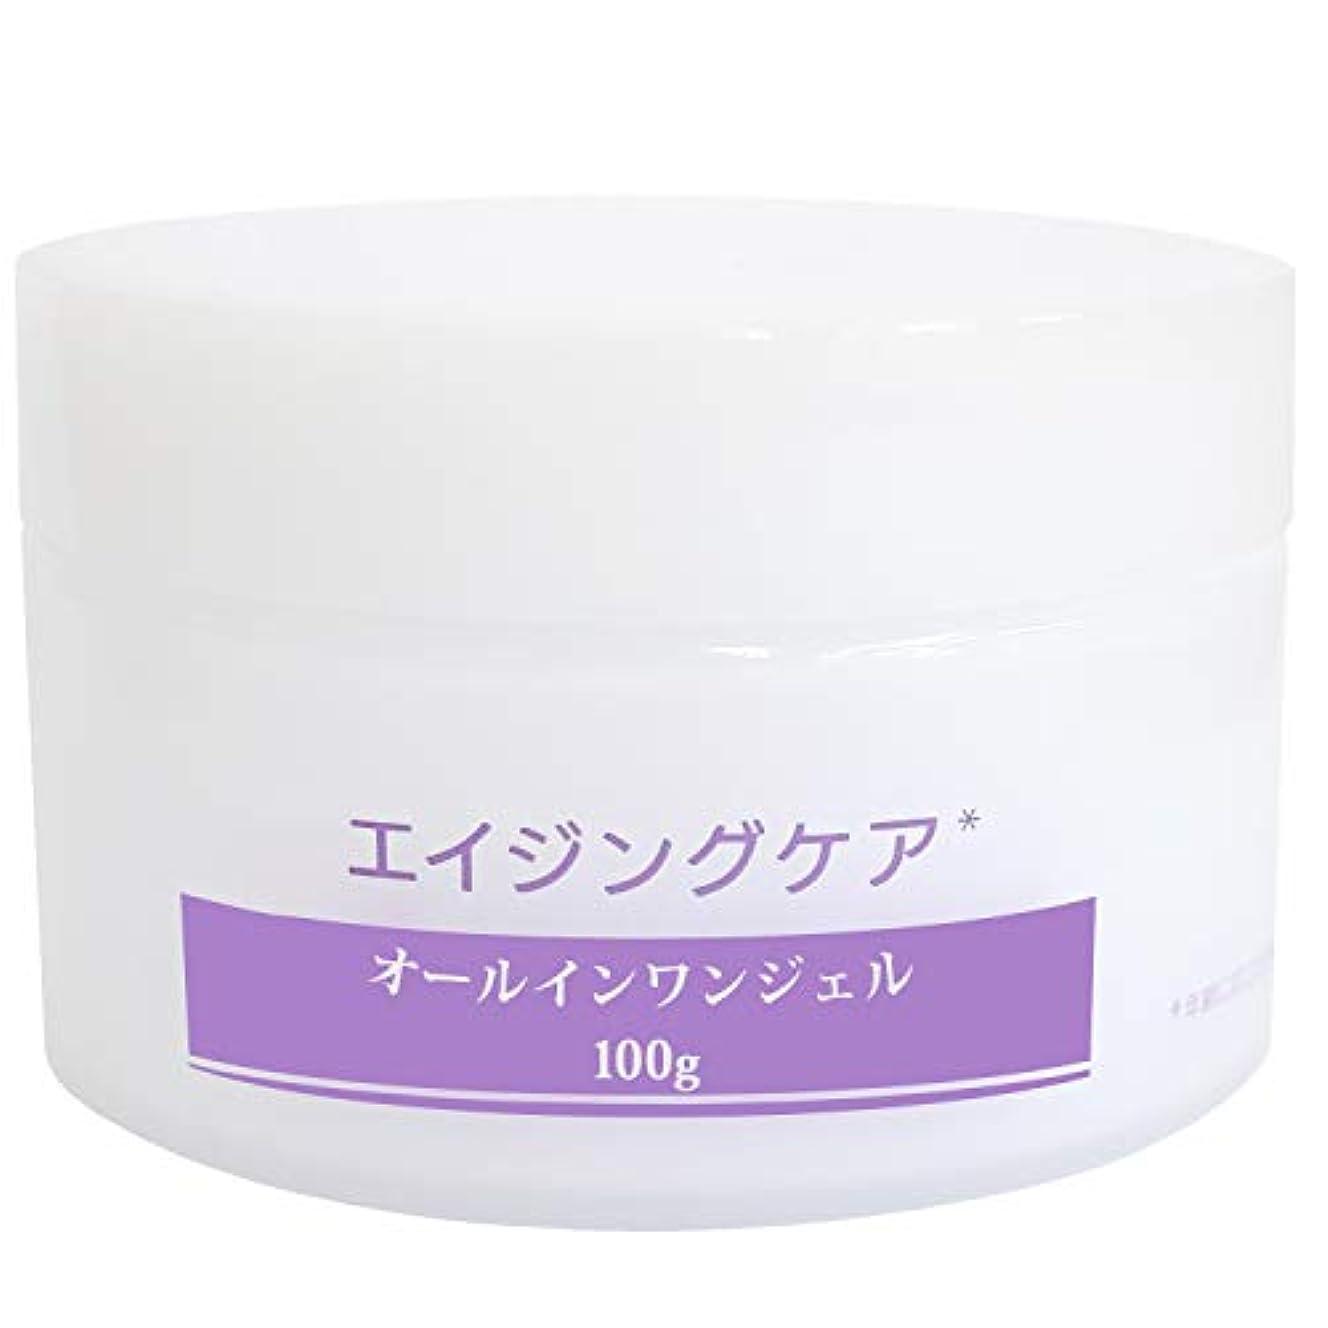 アパート免疫する放射するオールインワンジェル メンズ 化粧水 美容液 保湿クリーム オールインワン エイジングケア スキンケア リンクルケア 男性 乾燥小じわを目立たなくする 大容量 100g